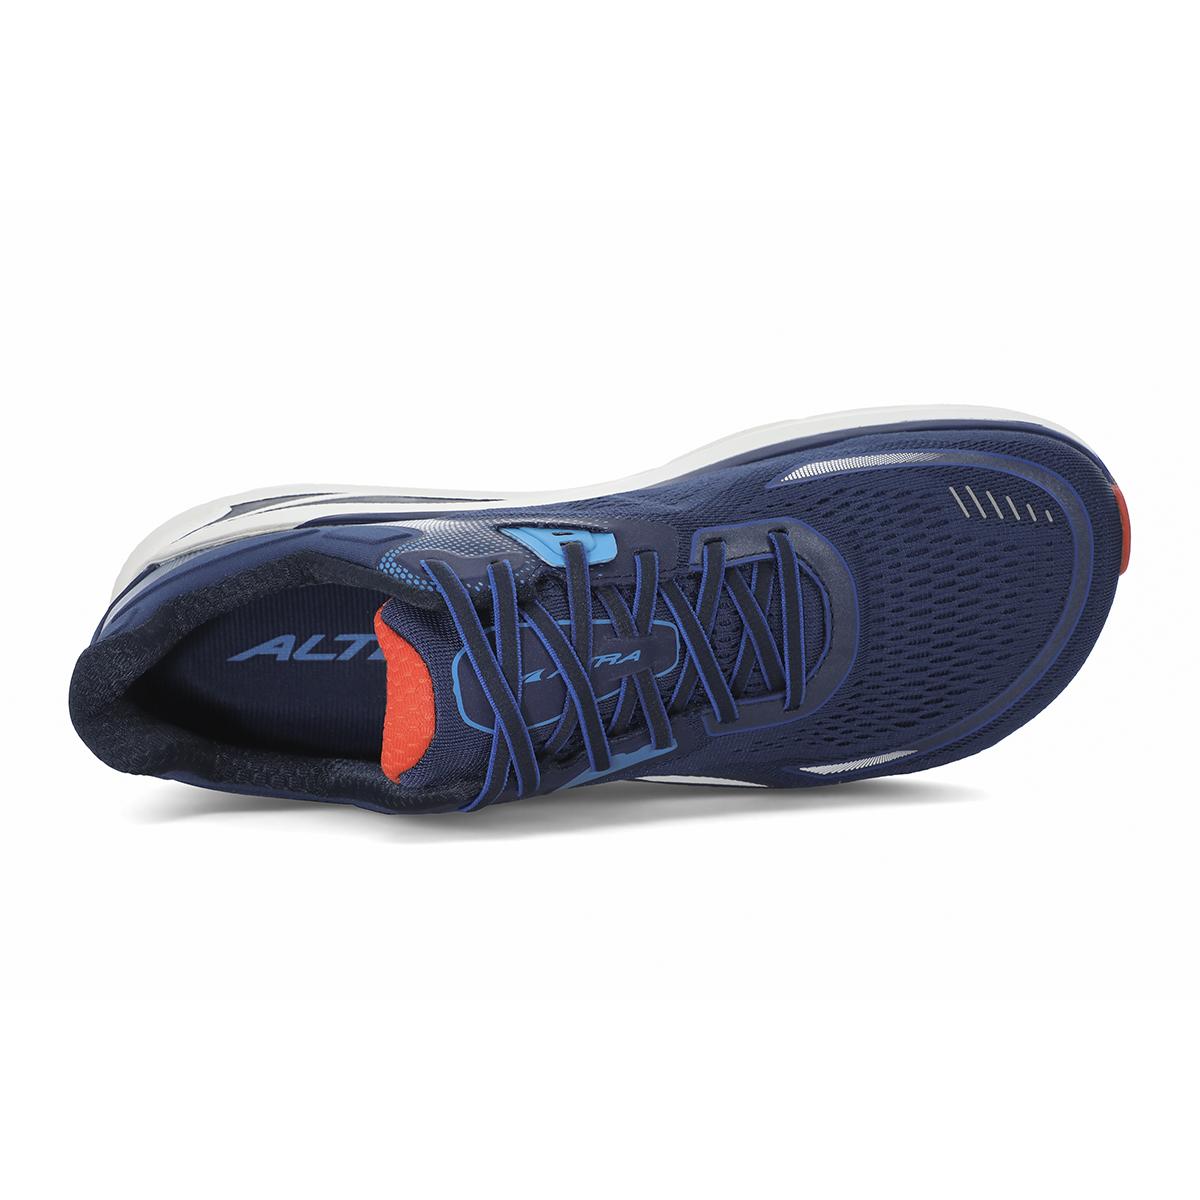 Men's Altra Paradigm 6 Running Shoe - Color: Estate Blue - Size: 7 - Width: Regular, Estate Blue, large, image 3